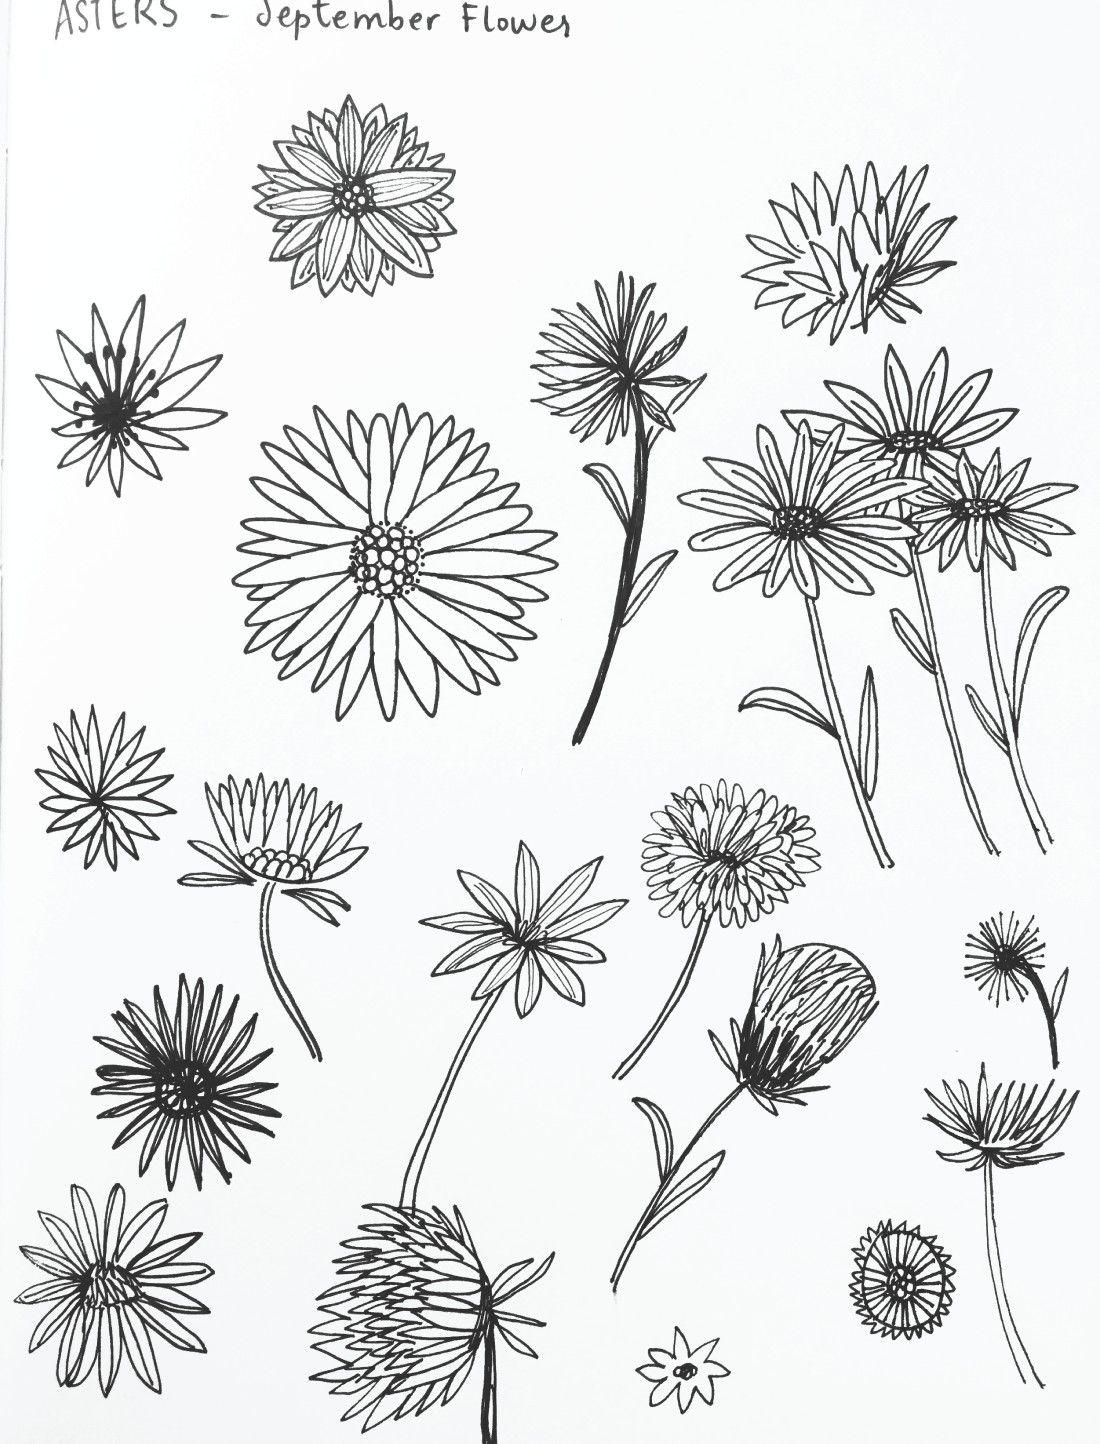 Pin By Jennifer Berhow On Tattoo Birth Flower Tattoos Aster Tattoo Flower Sketches